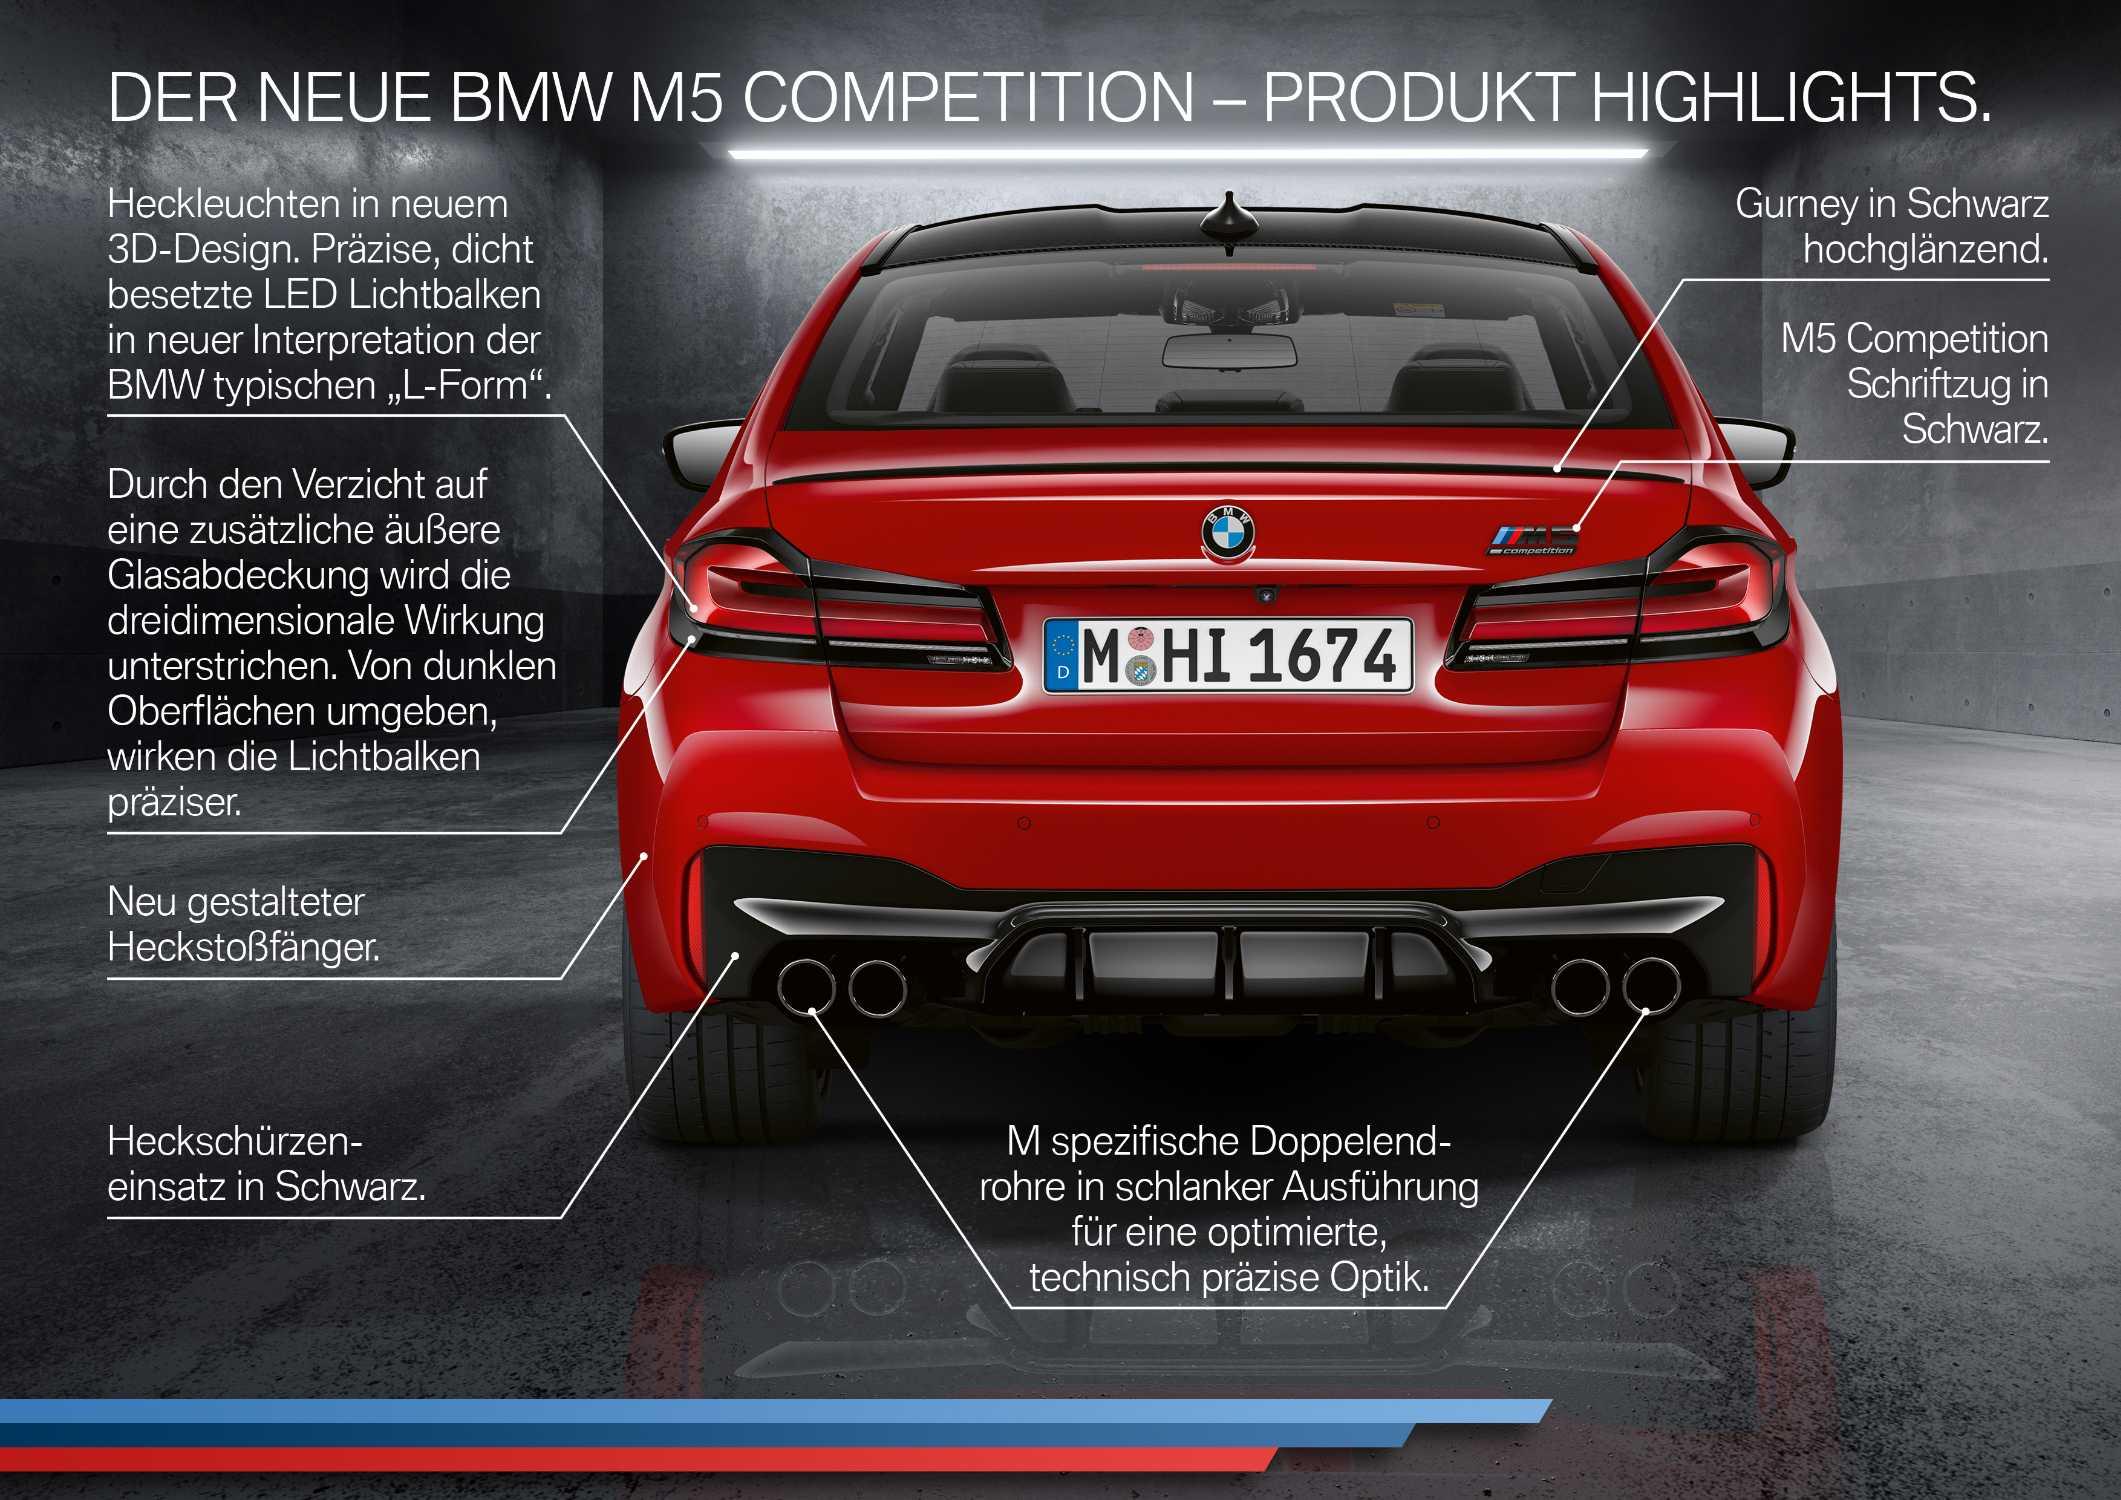 Der neue BMW M5 Competition - Highlights (06/2020).